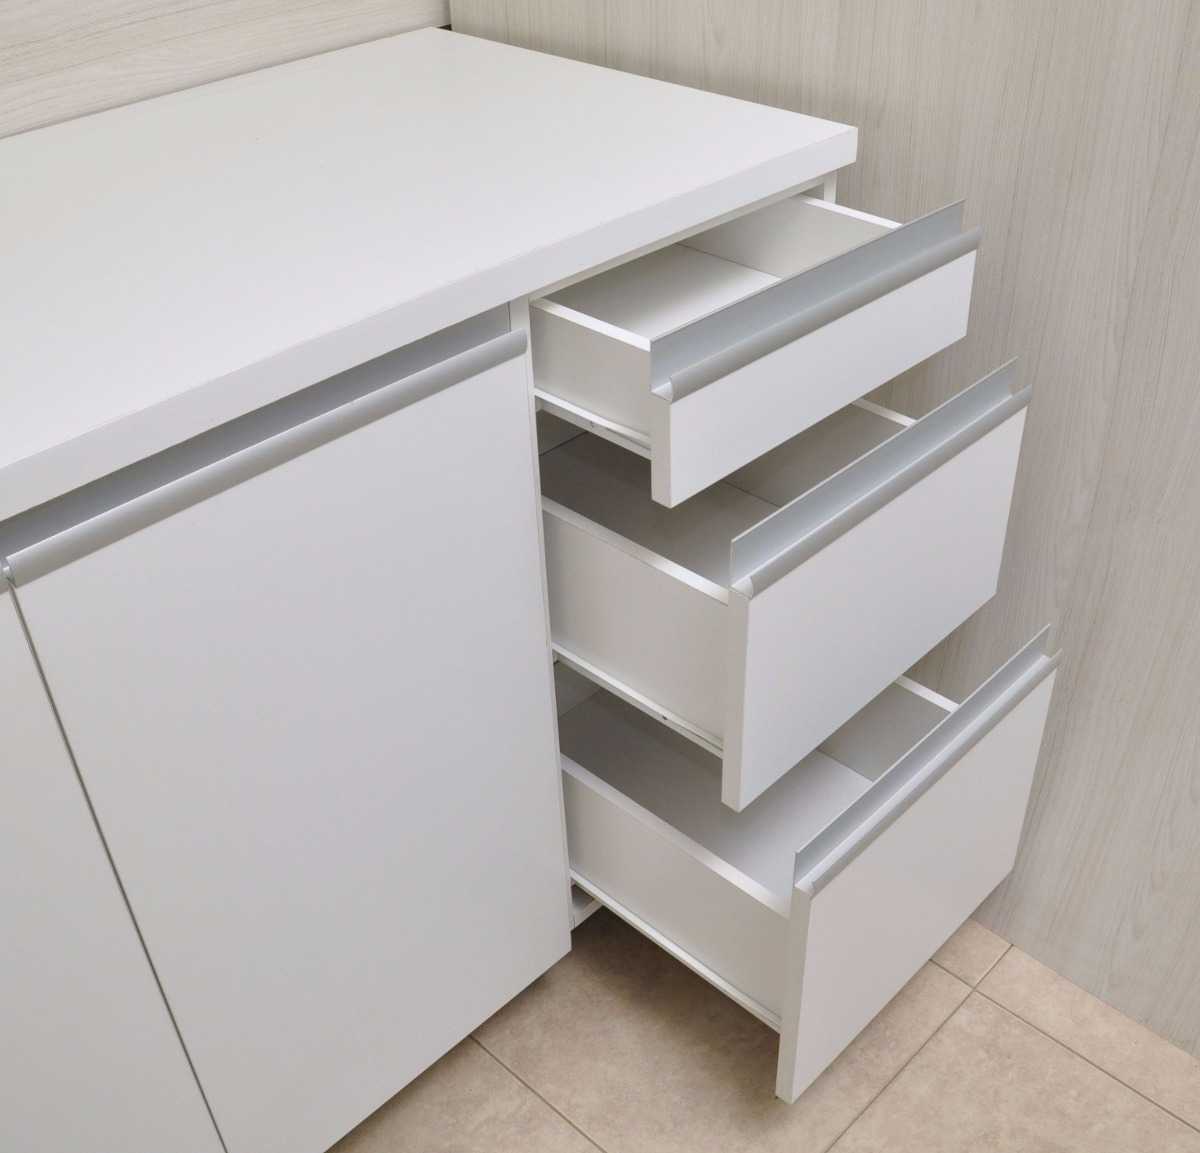 Awesome Perfiles De Aluminio Para Muebles De Cocina Pictures - Casas ...